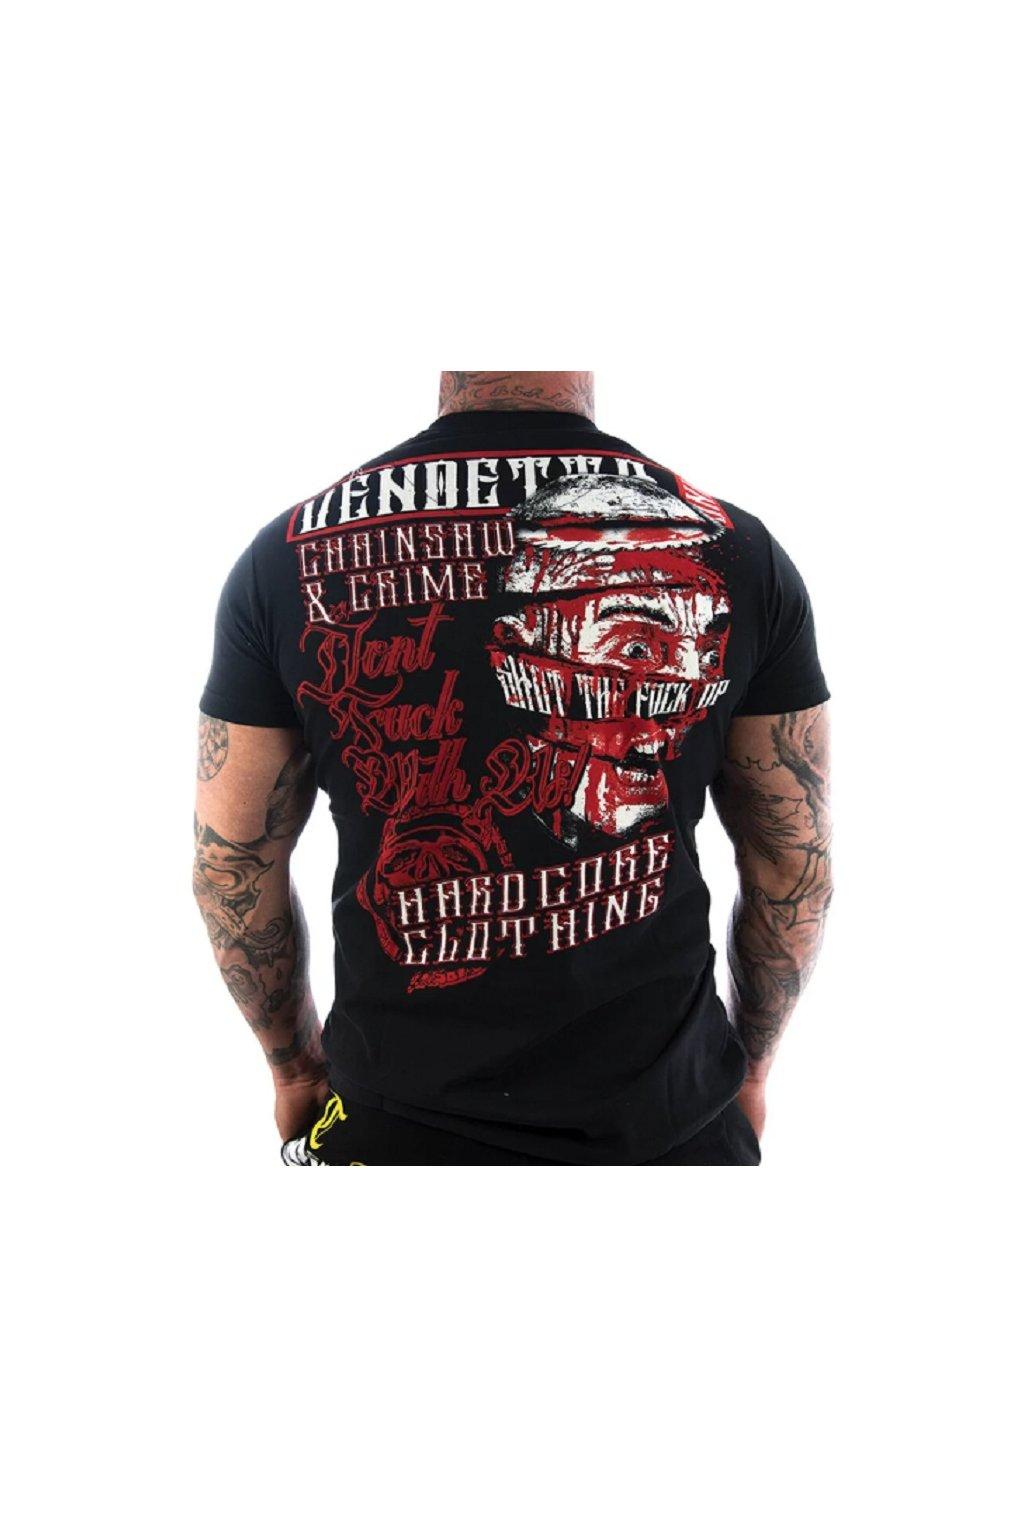 Pánské triko Vendetta Inc. Chainsaw VD-1110 Black obr1